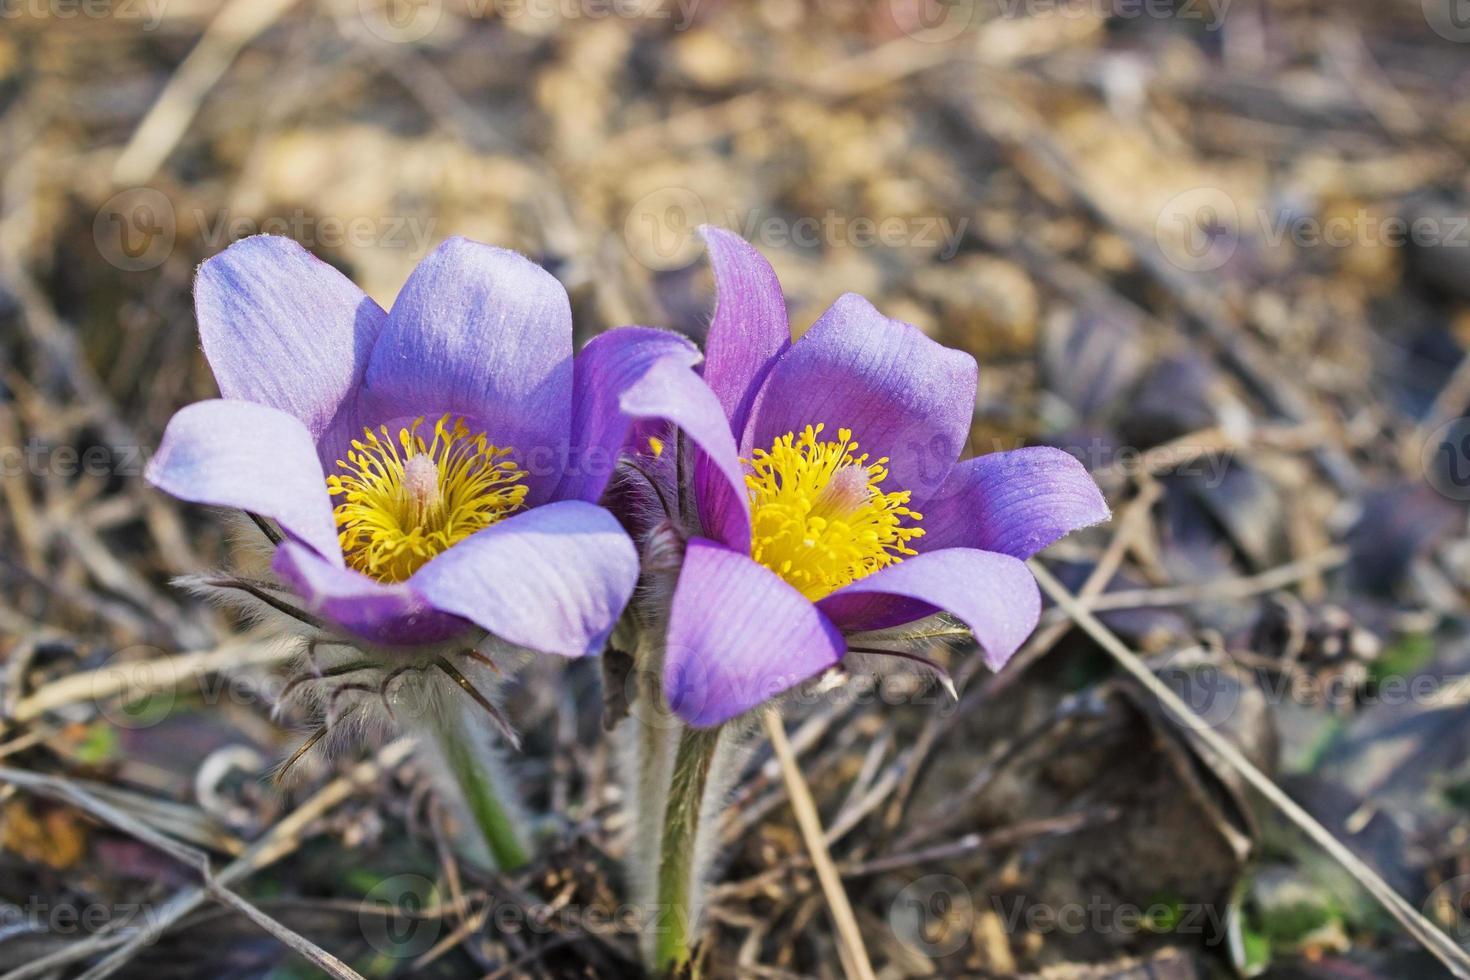 violette sneeuwklokjes bloeien lente in het bos foto